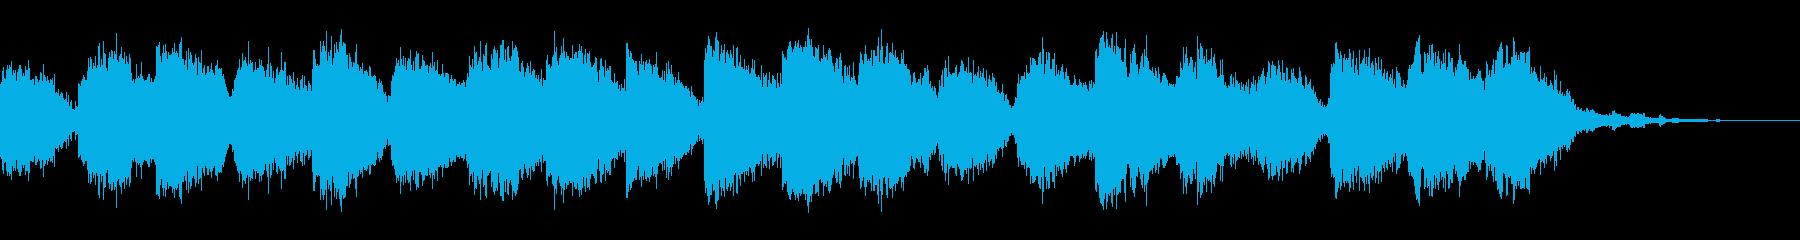 イルカの声と穏やかな海の再生済みの波形